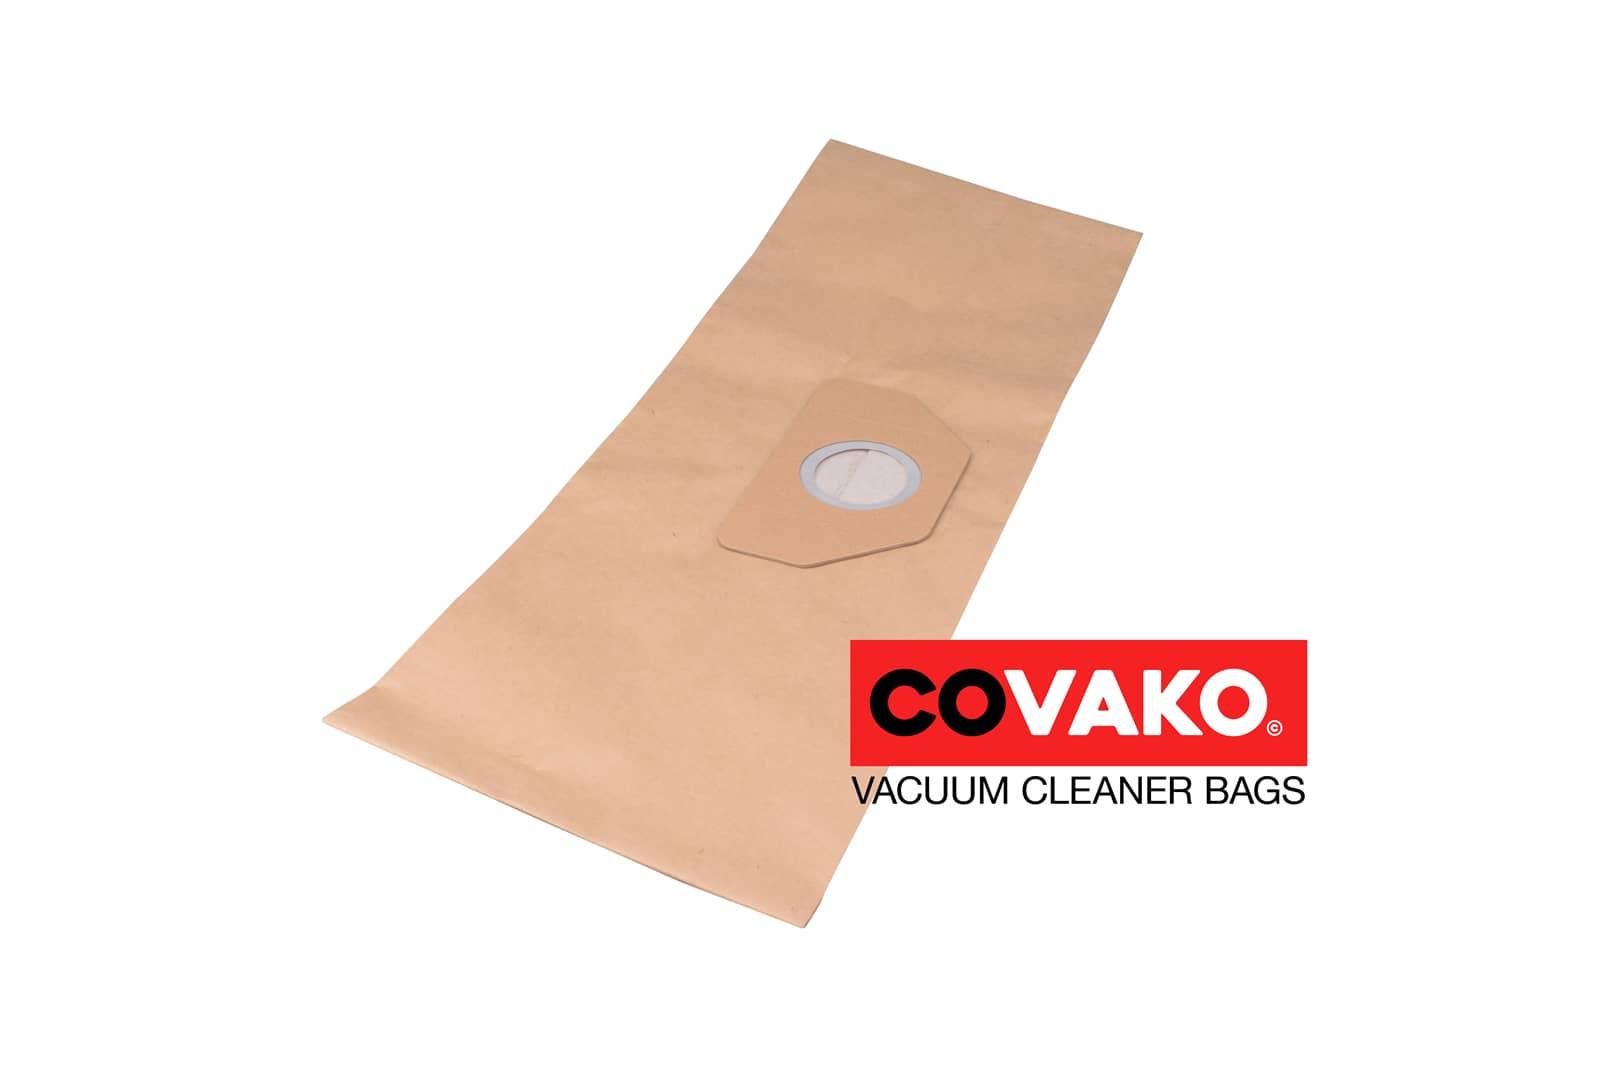 Kärcher A 2200 / Papier - Kärcher sacs d'aspirateur